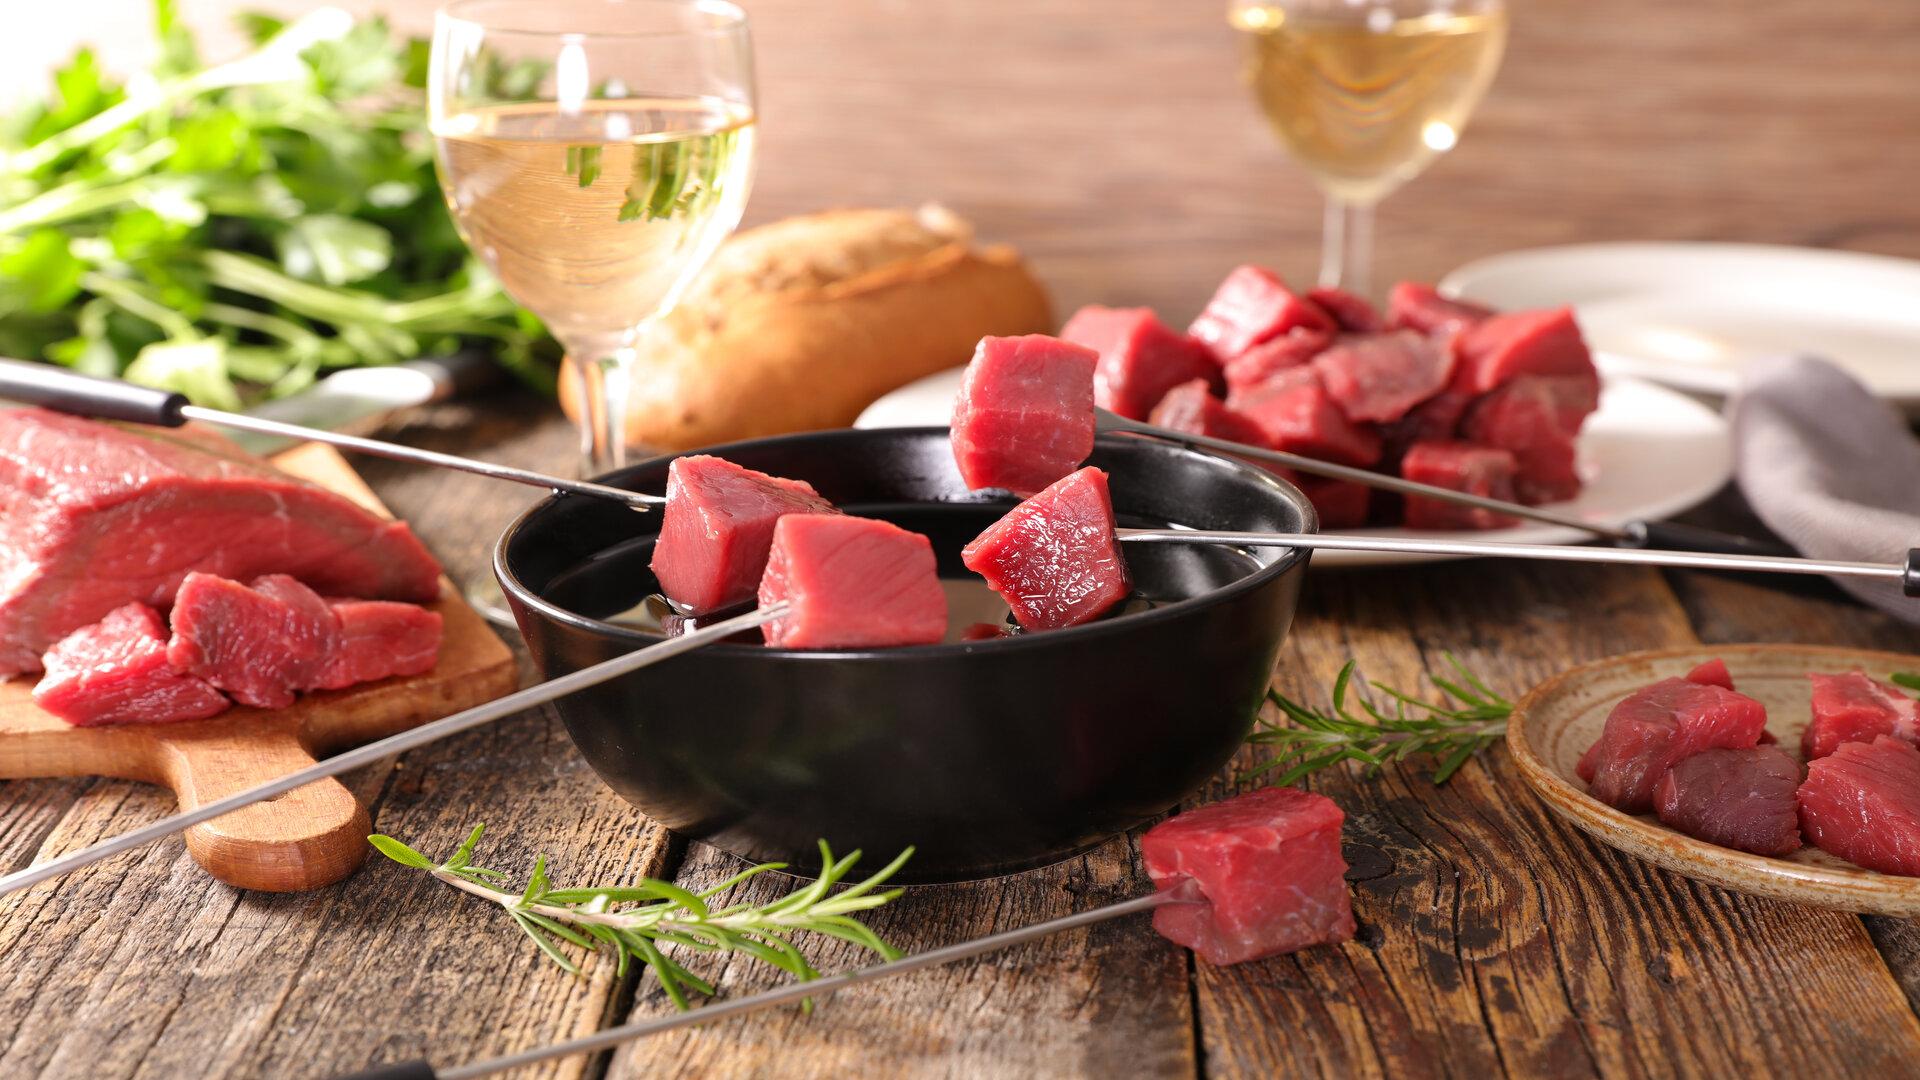 Quelles recettes à faire, avec de la viande de bœuf pour fondue?